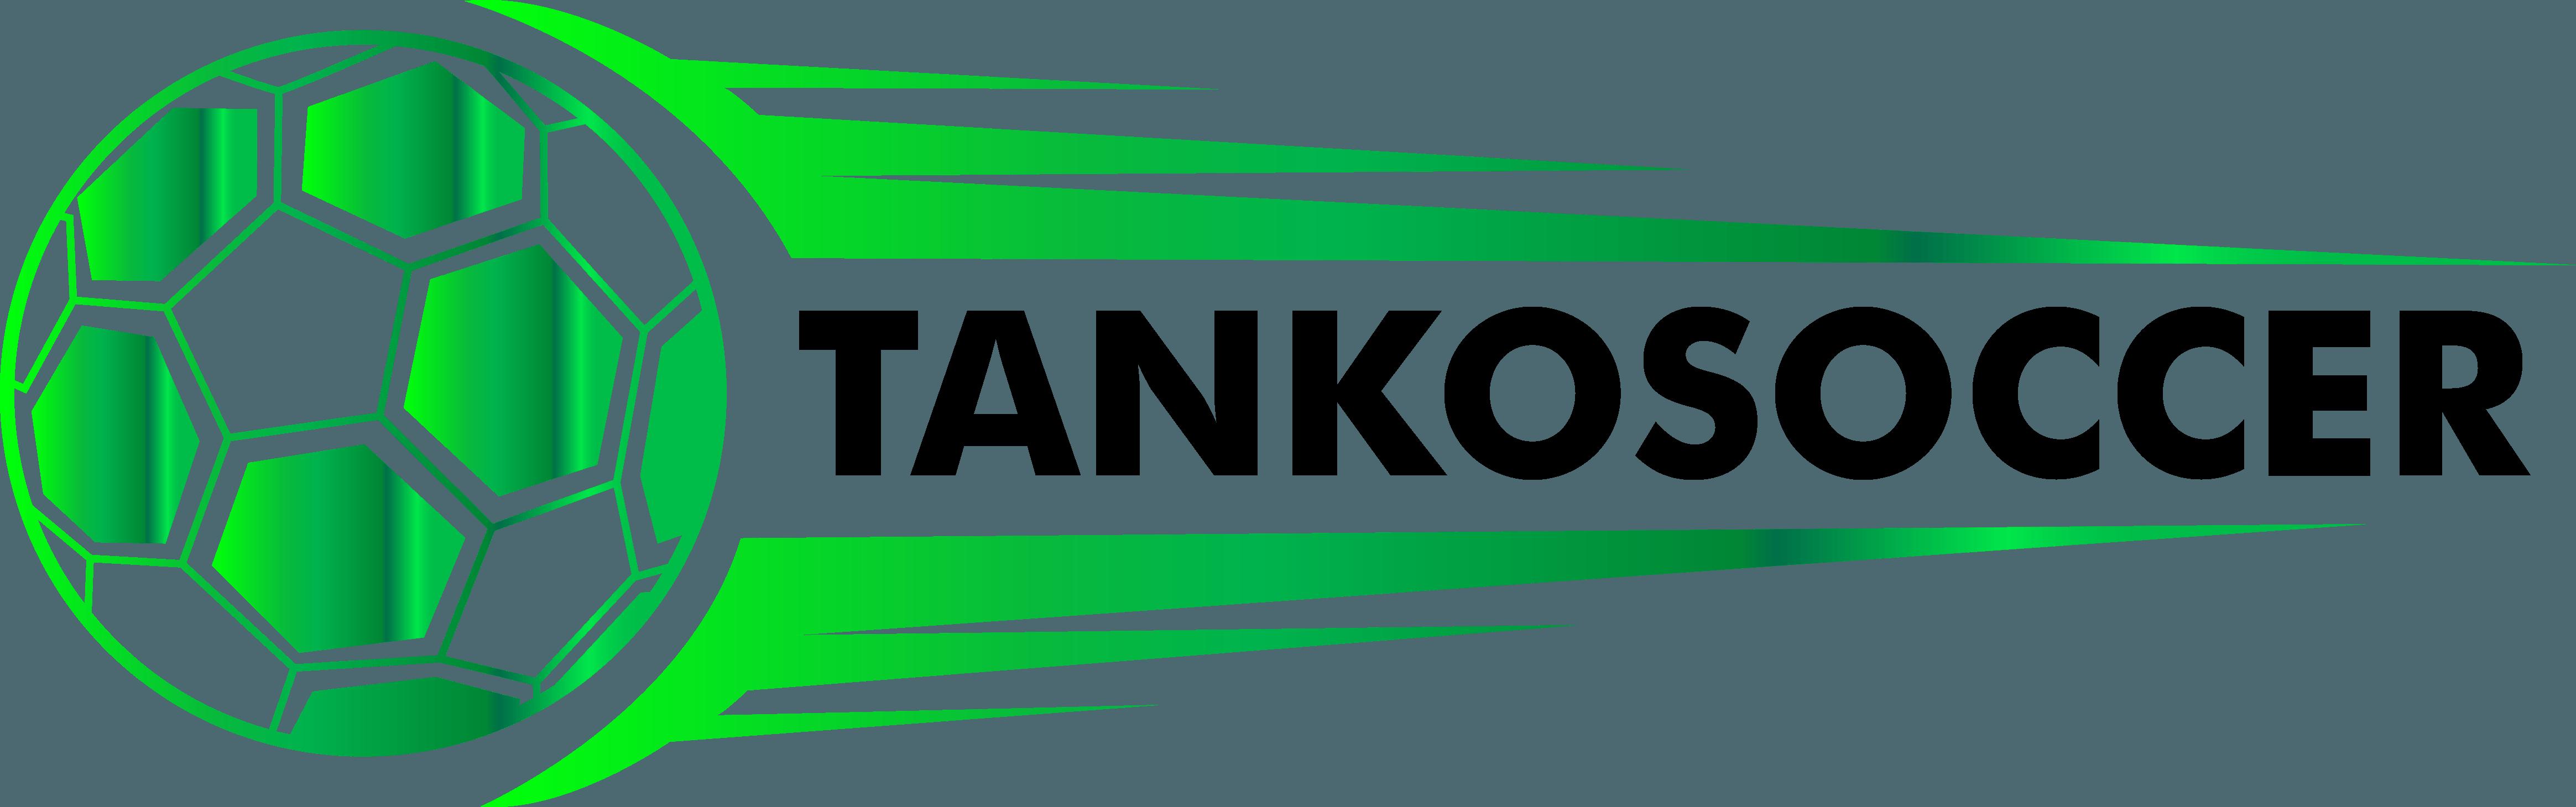 tanko soccers